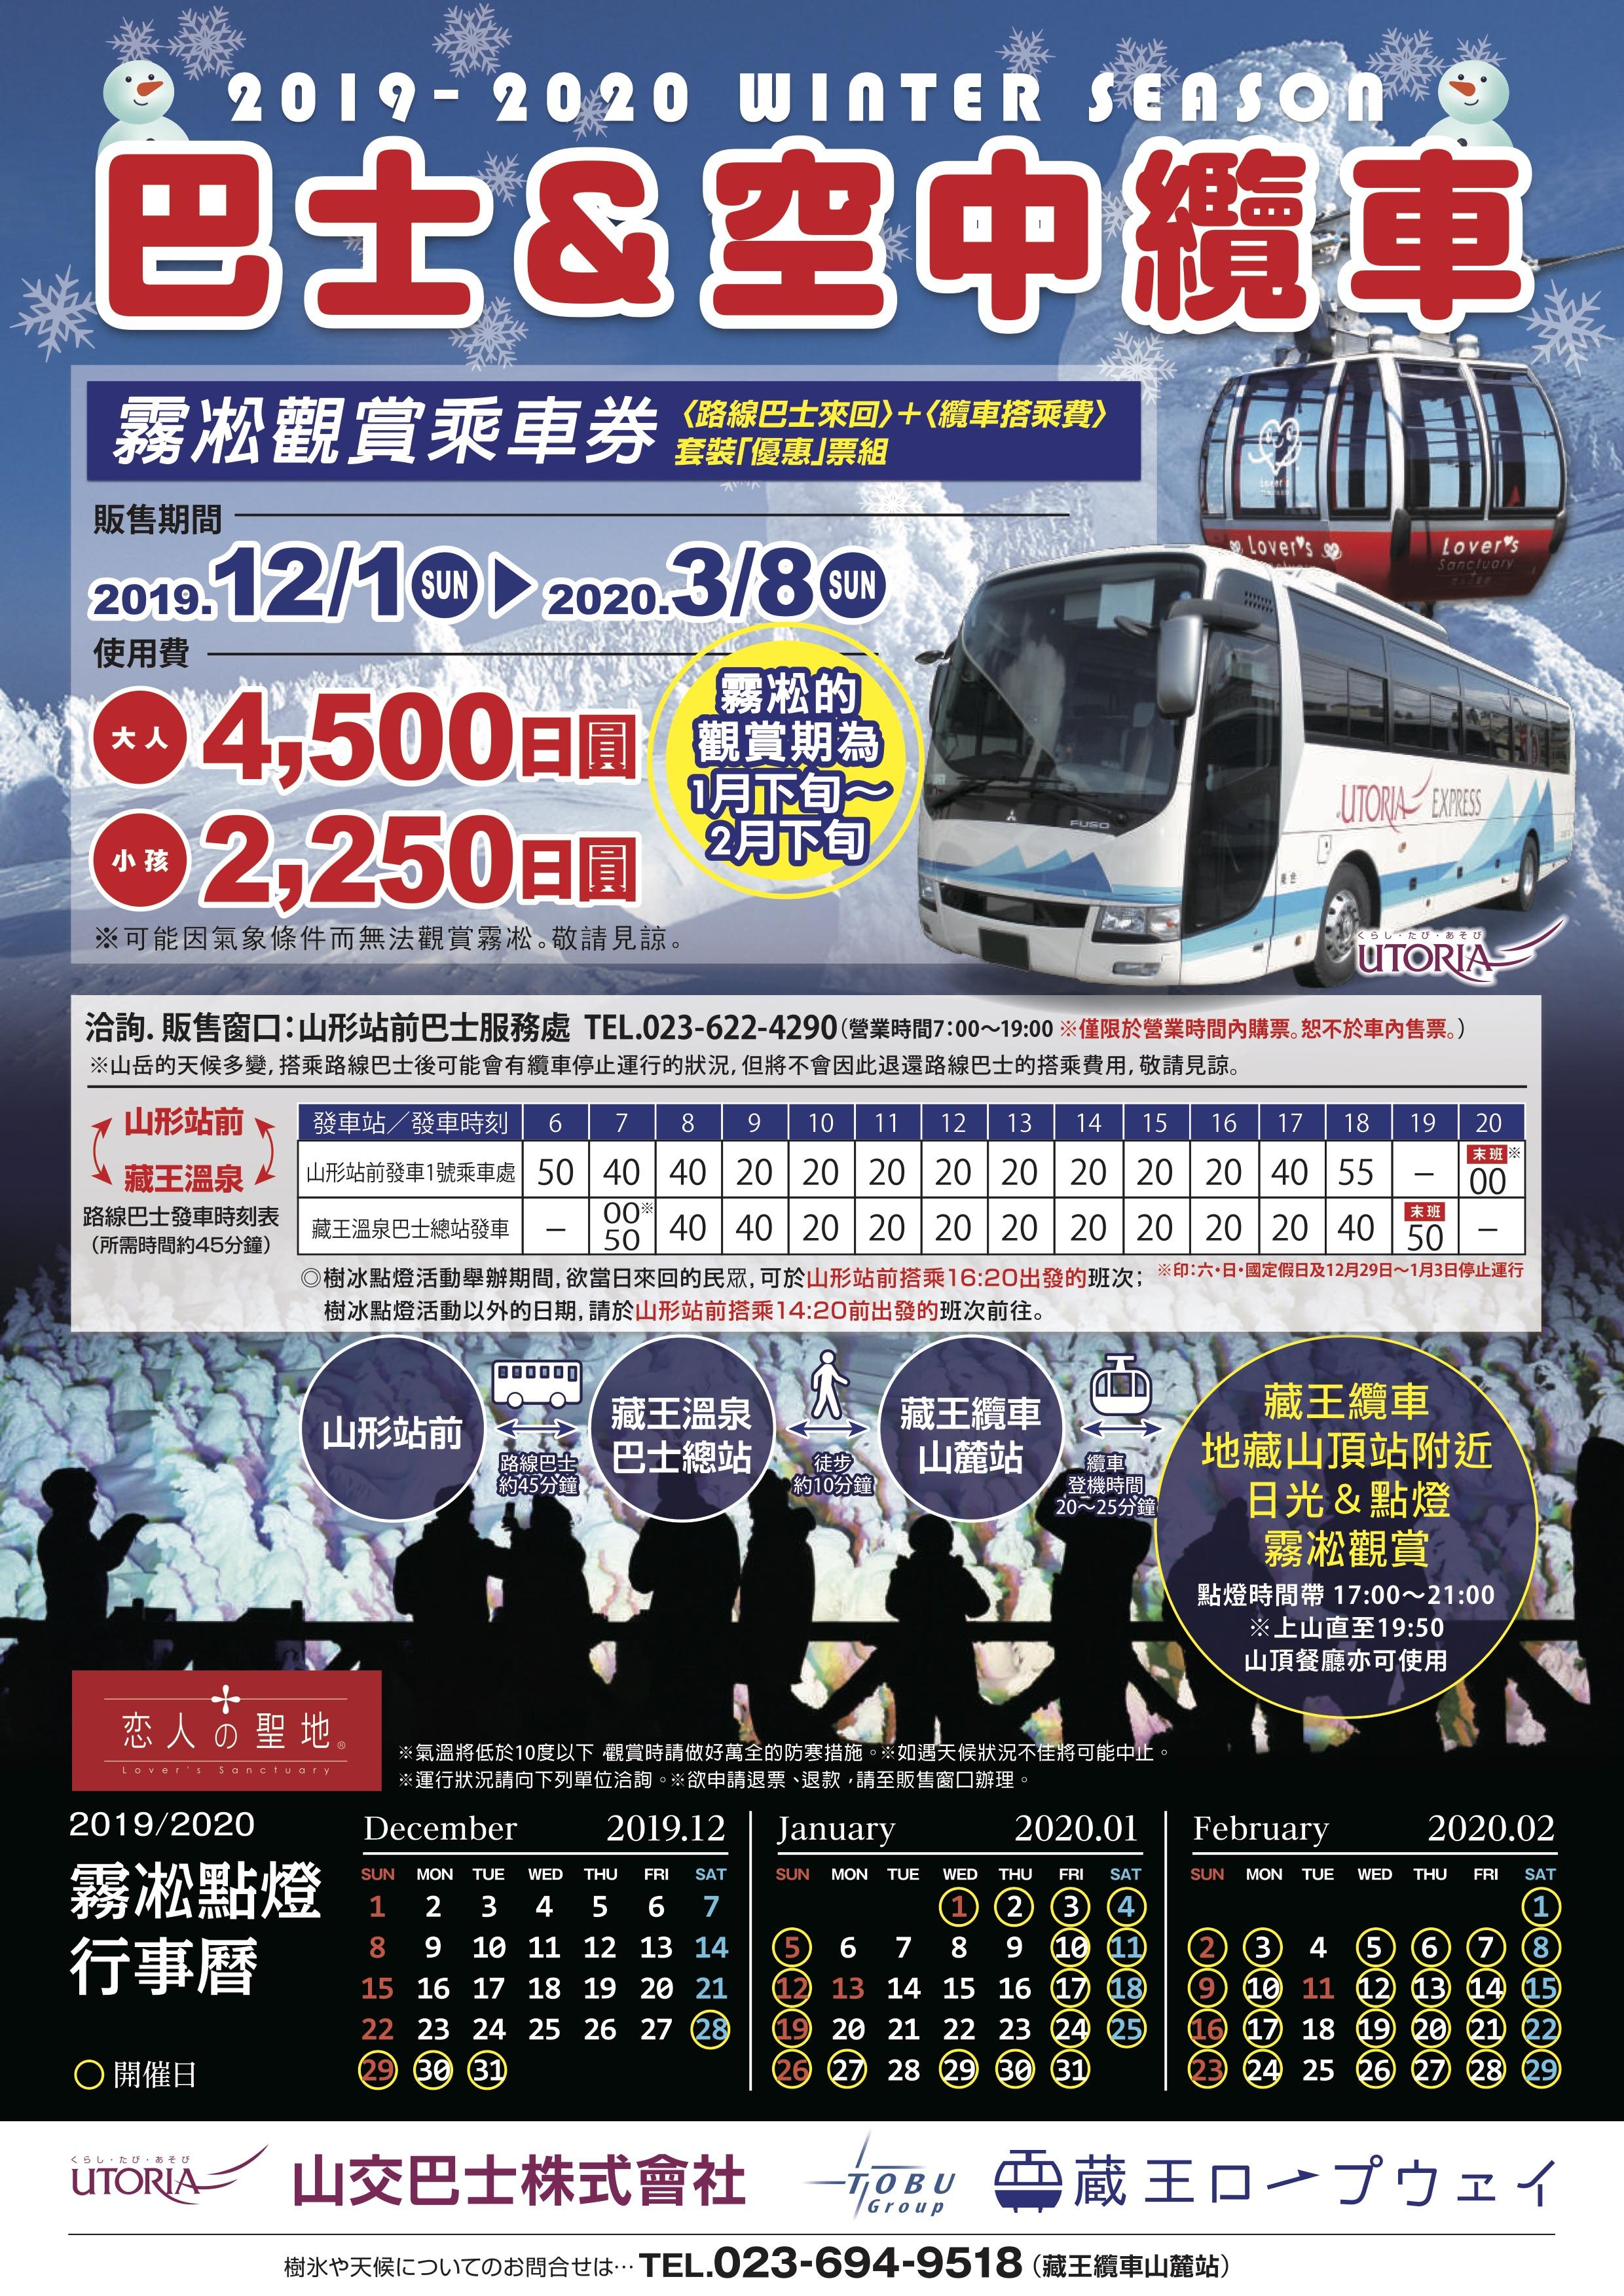 藏王樹冰2020纜車、點燈、推薦旅館-完整上山路線懶人包 @右上的世界食旅